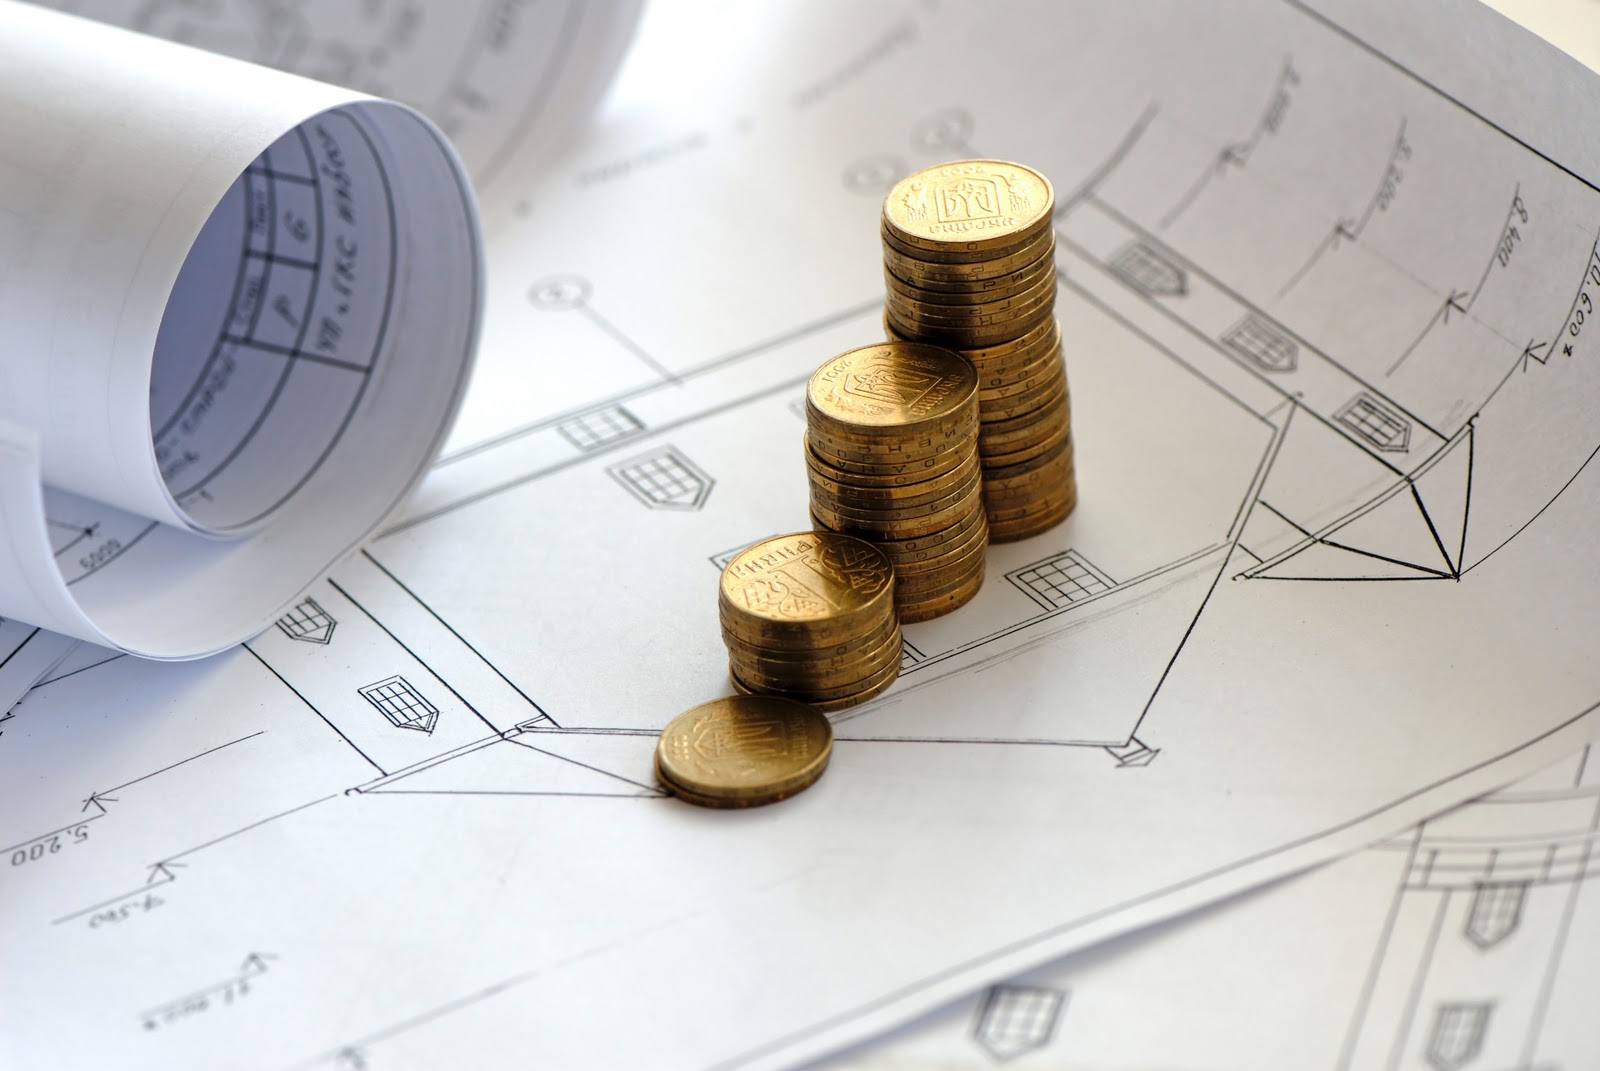 Gagner de l'argent en empruntant avec un taux immobilier bas